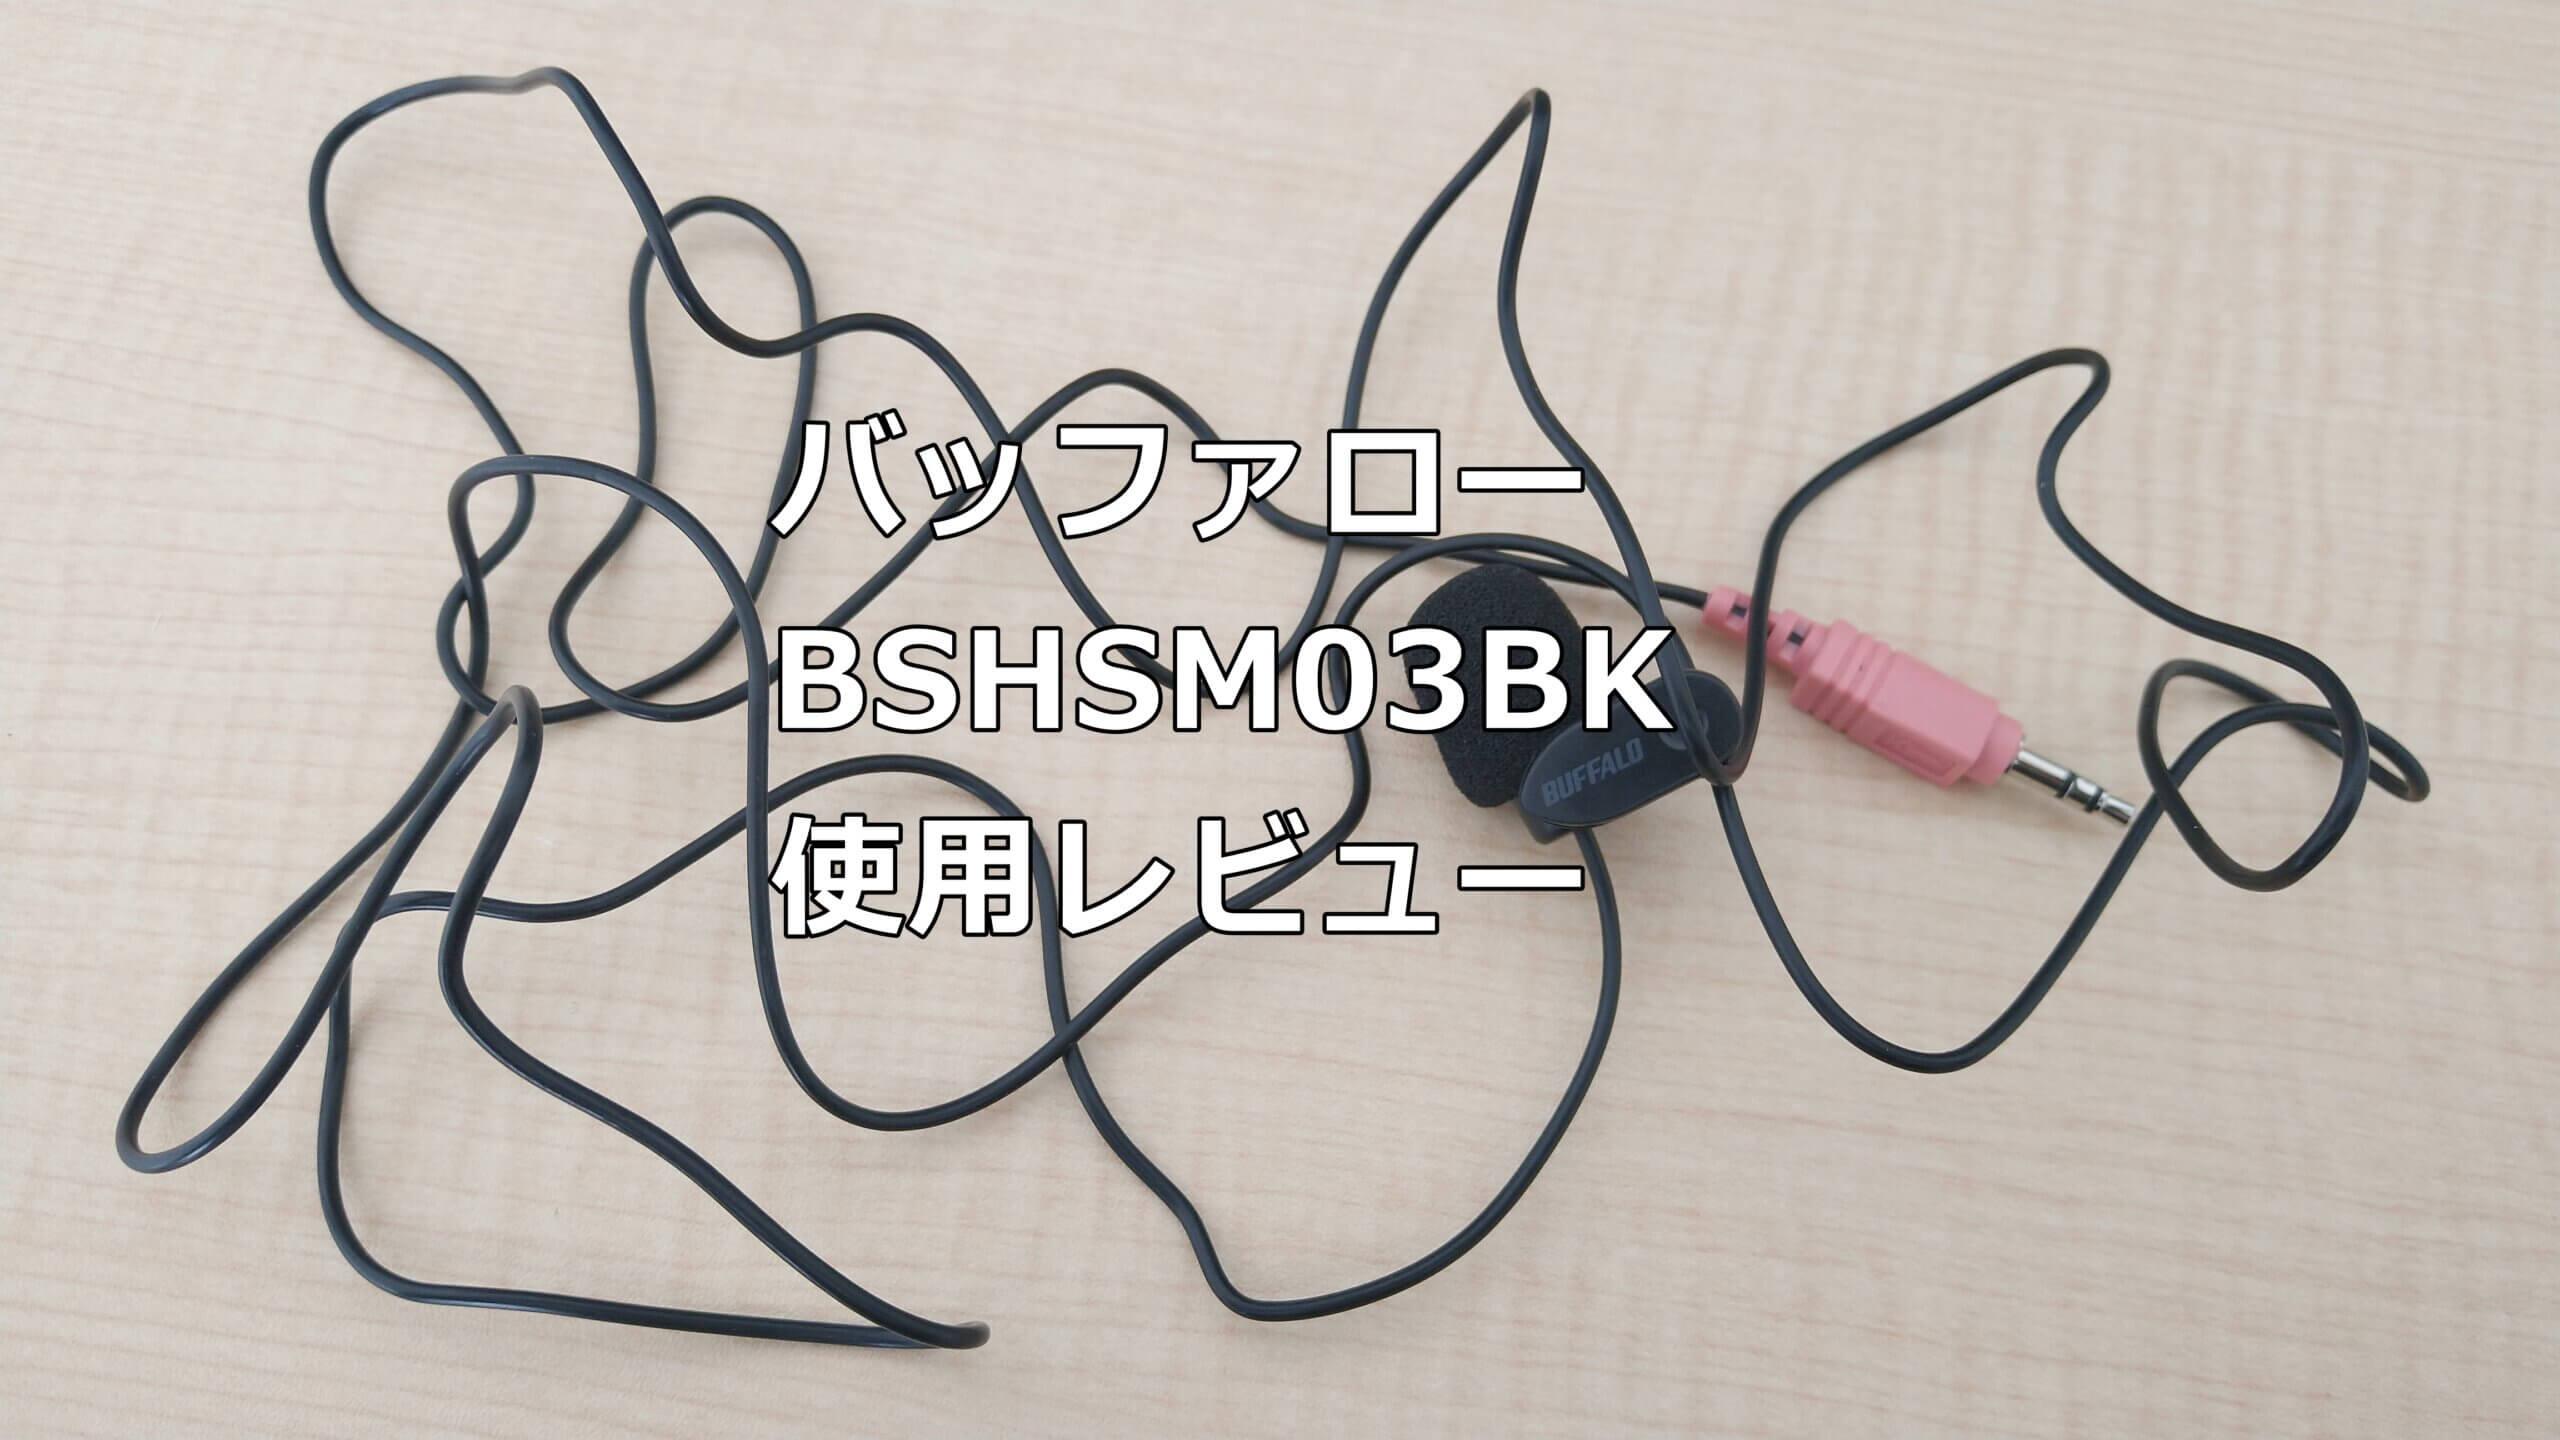 バッファロー クリップ式マイク BSHSM03BK